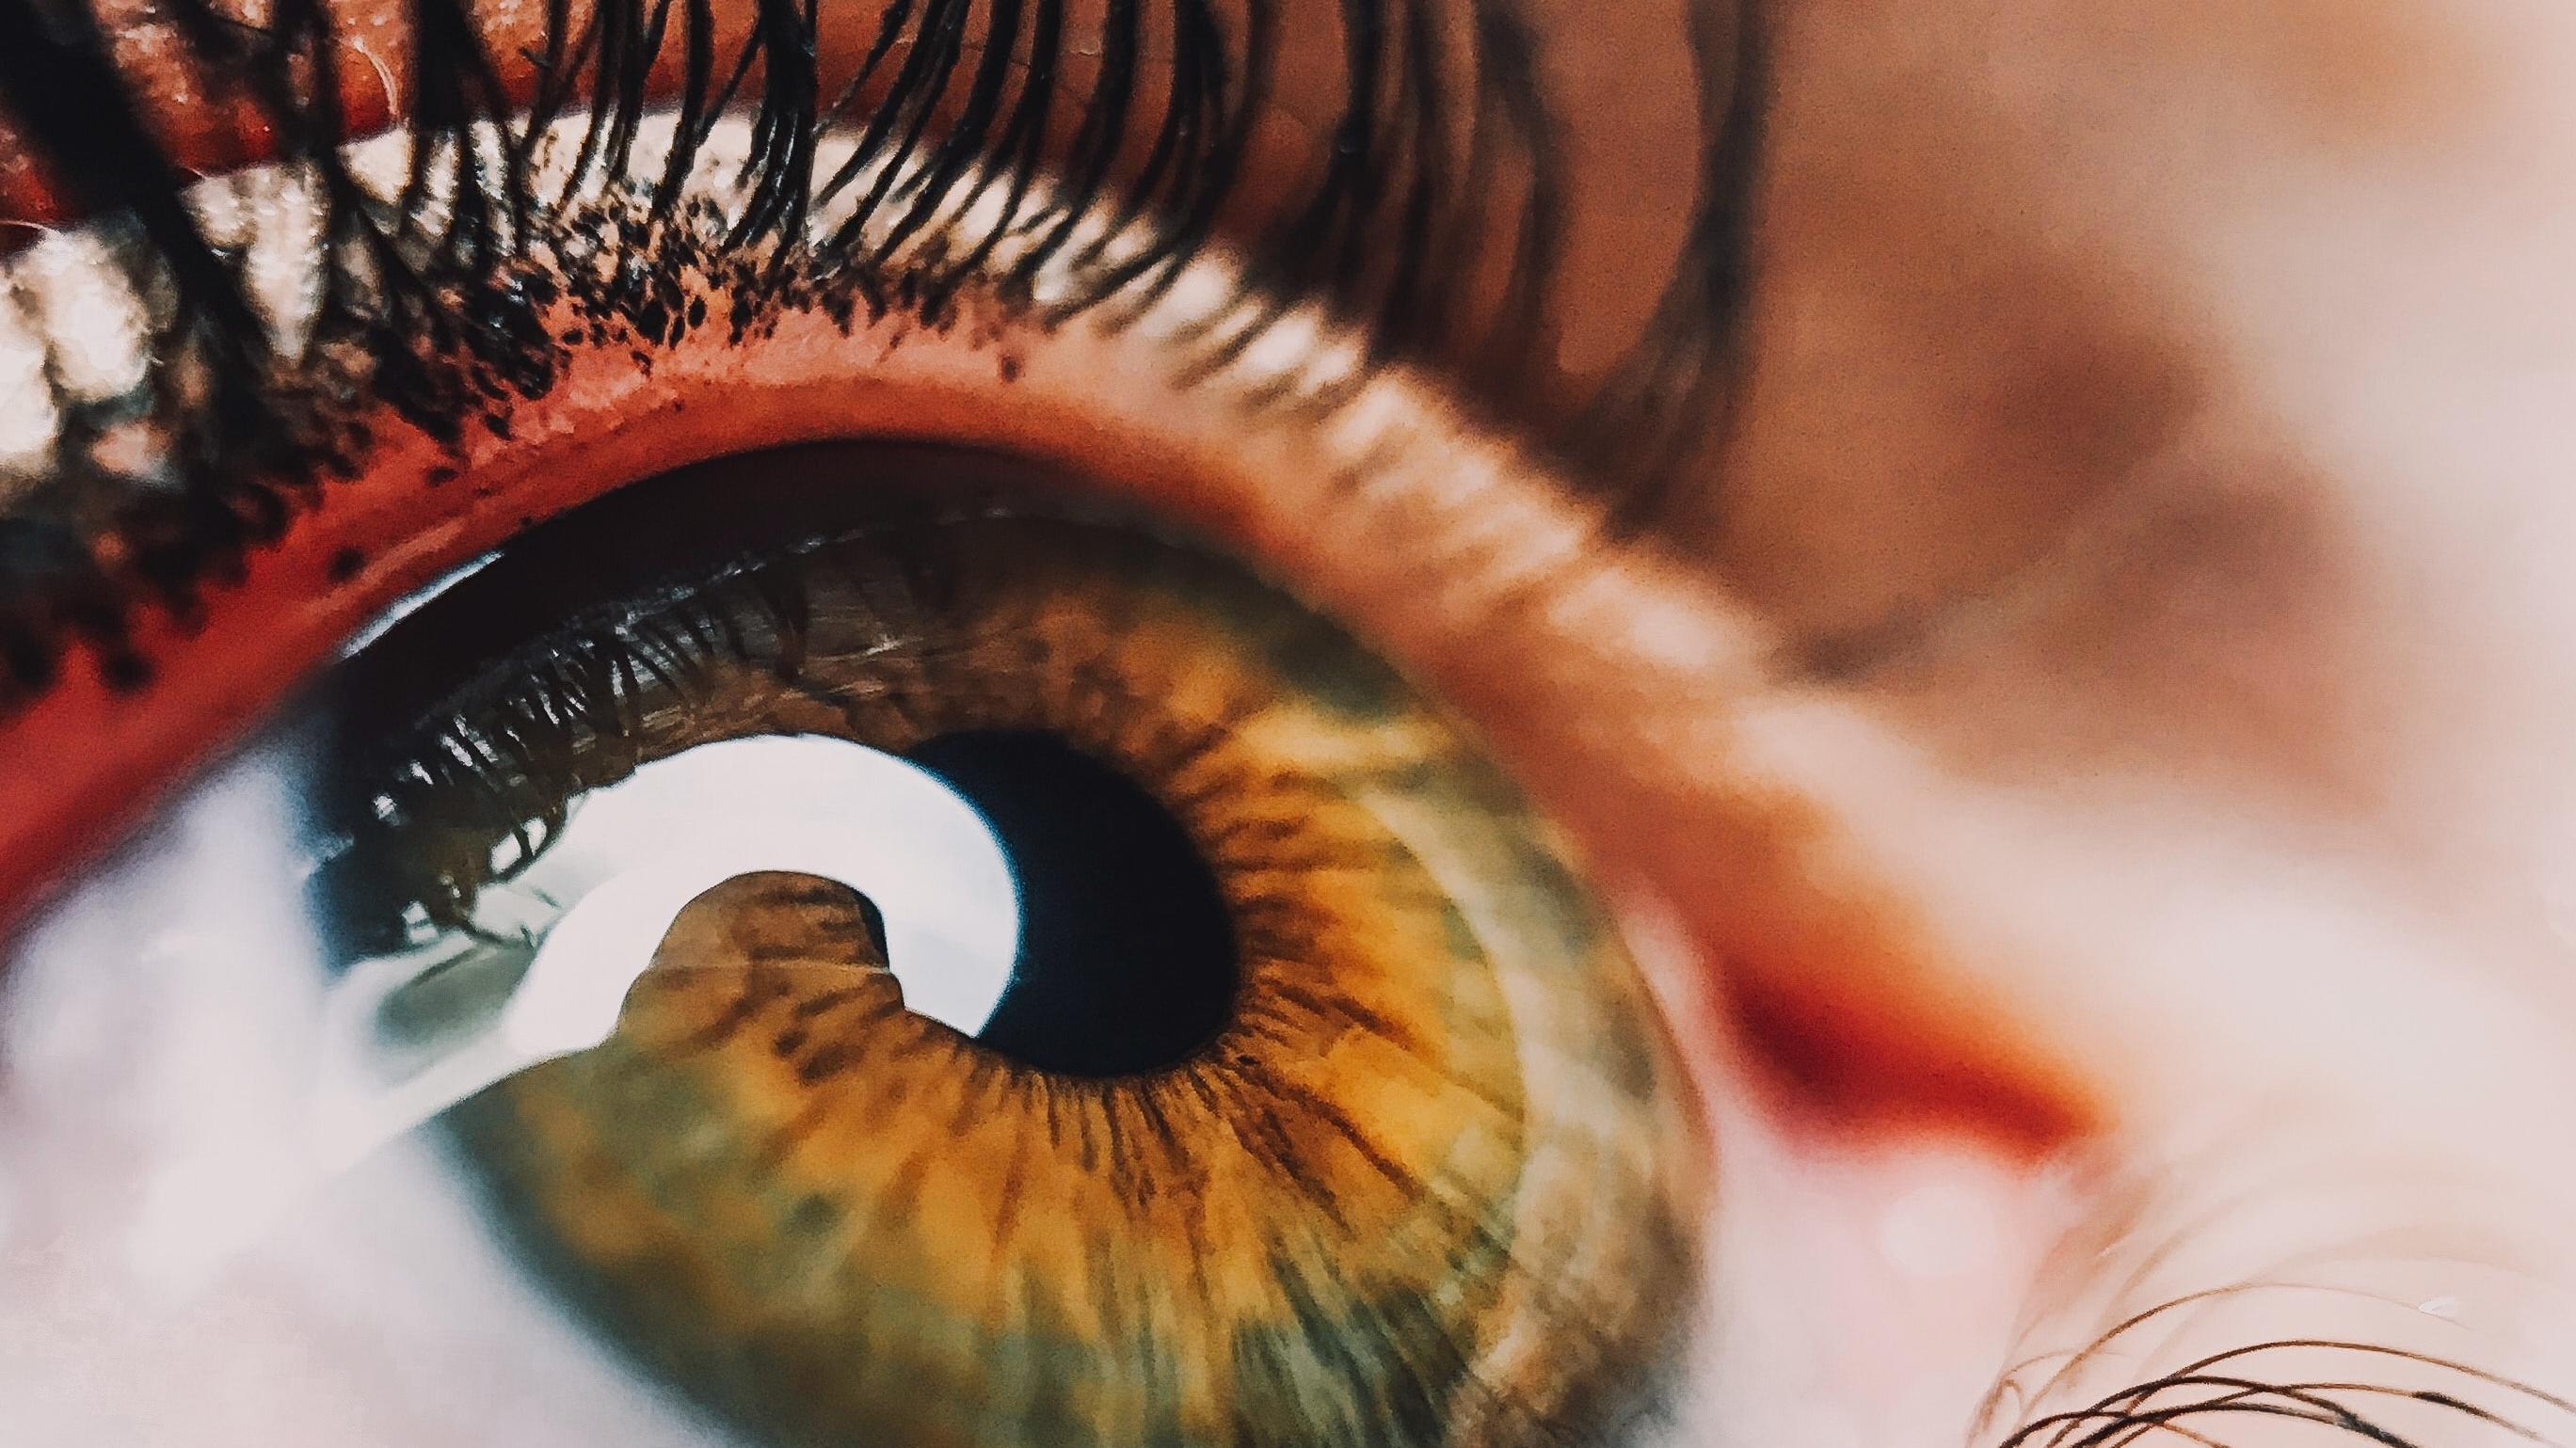 Die Augen sind sehr empfindlich, weshalb Sie genau auf die richtige Behandlung achten sollten.